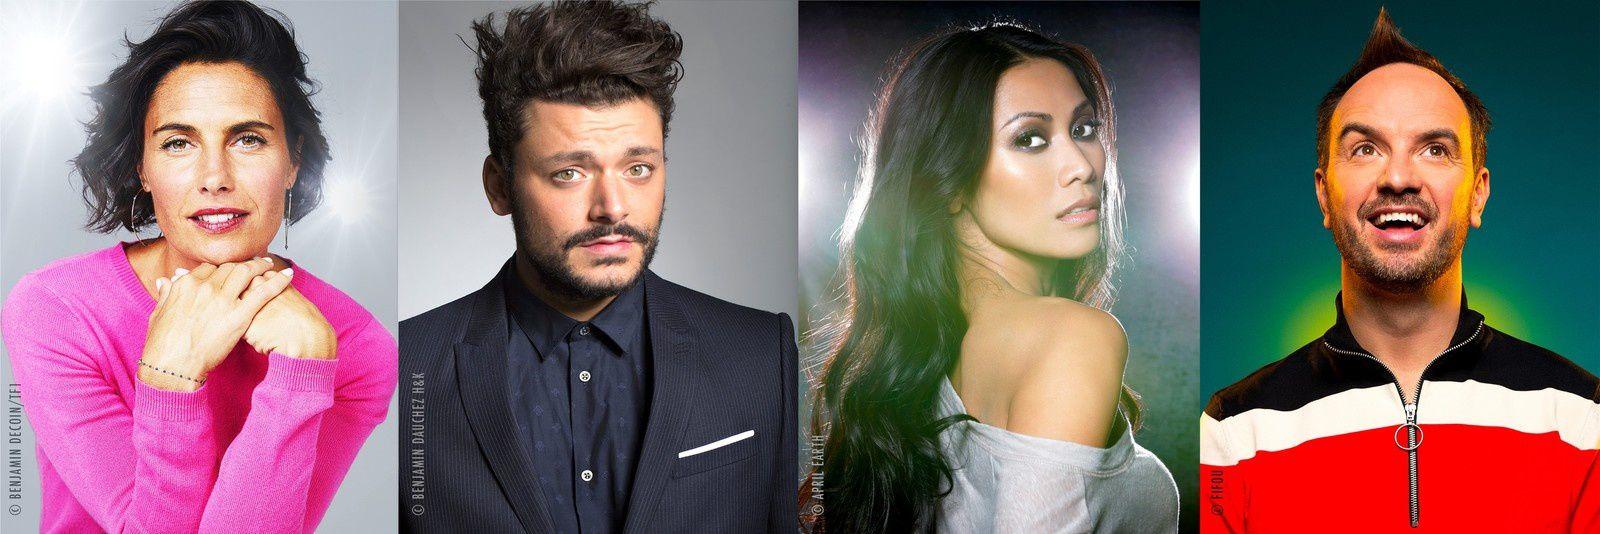 """Alessandra Sublet, Kev Adams, Anggun et Jarry seront les """"enquêteurs"""" de « Mask Singer », la nouvelle émission événement de TF1"""